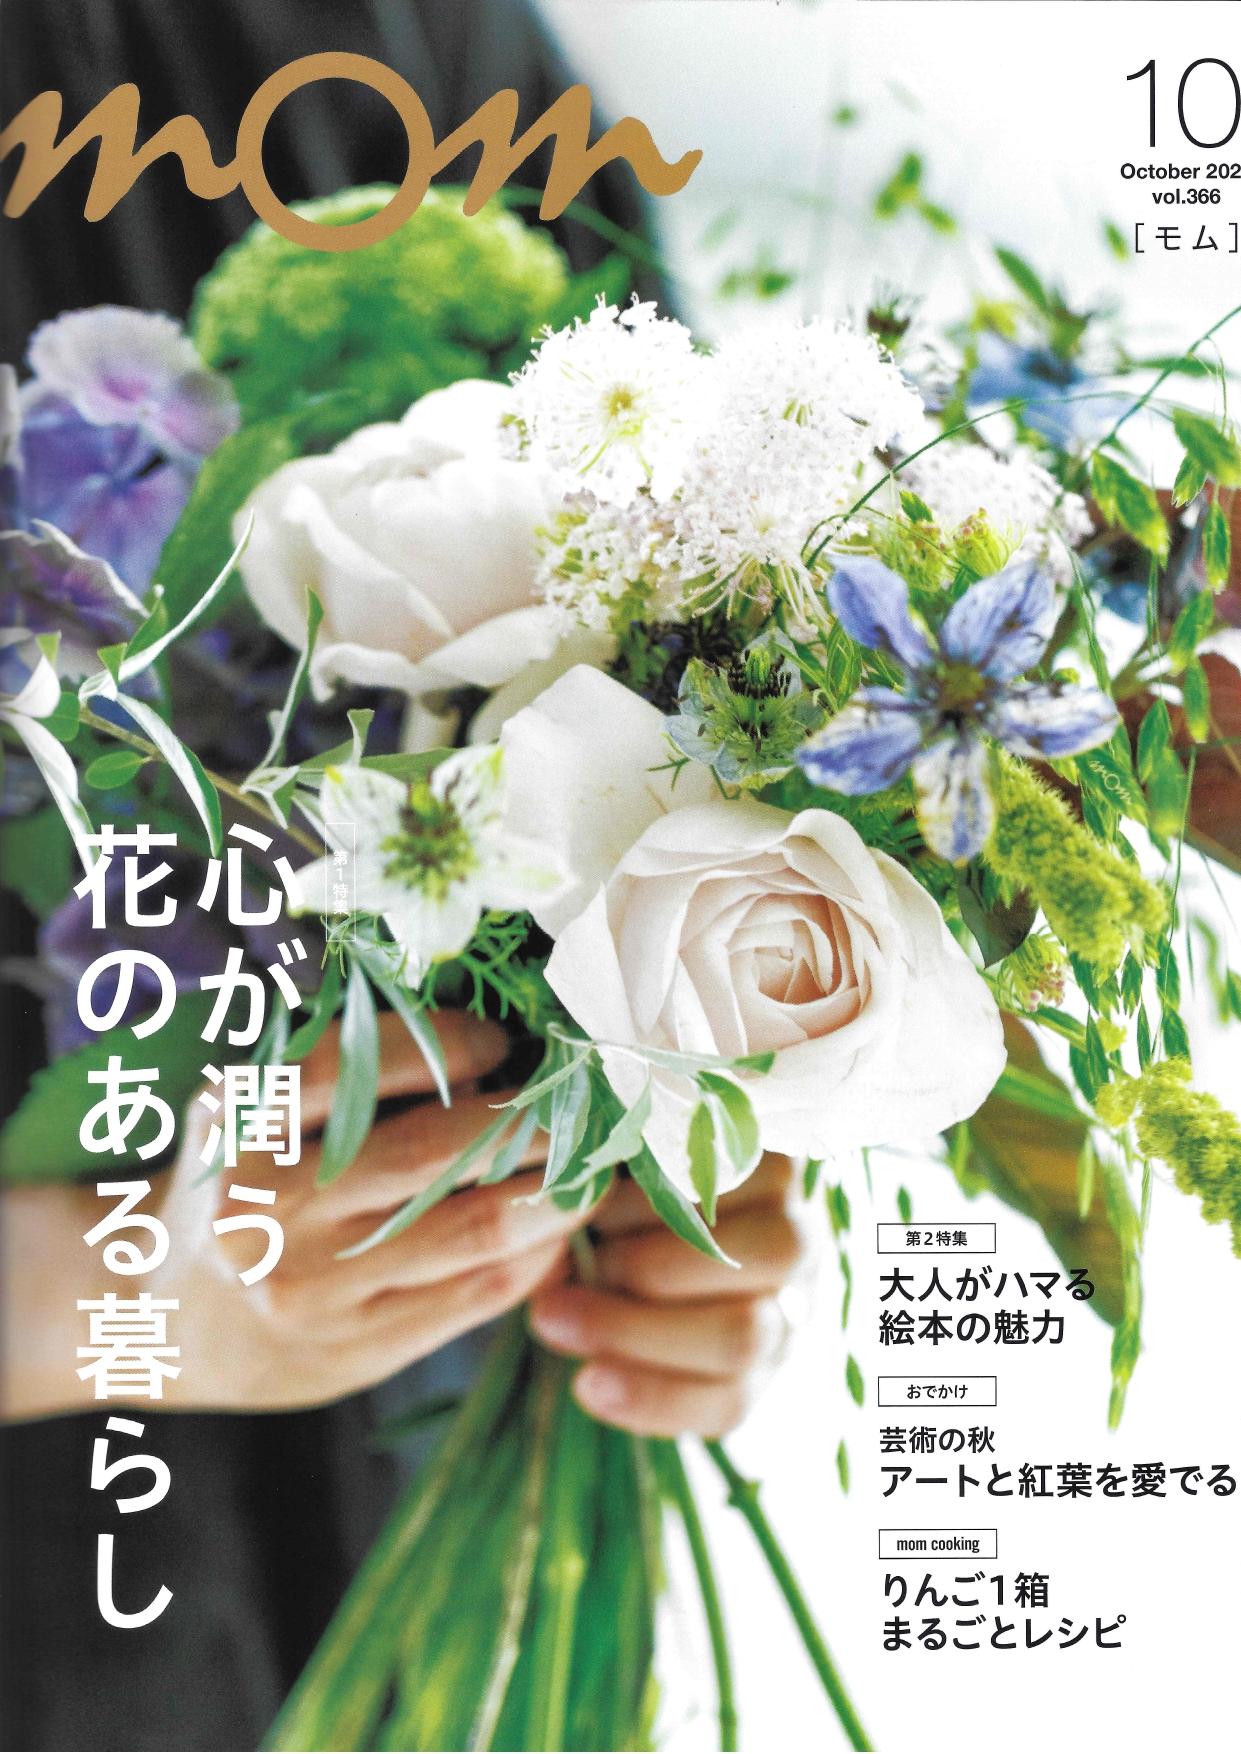 【監修】イオンクレジット会報誌MOMに代表武藤の監修記事が掲載されました。のサムネイル